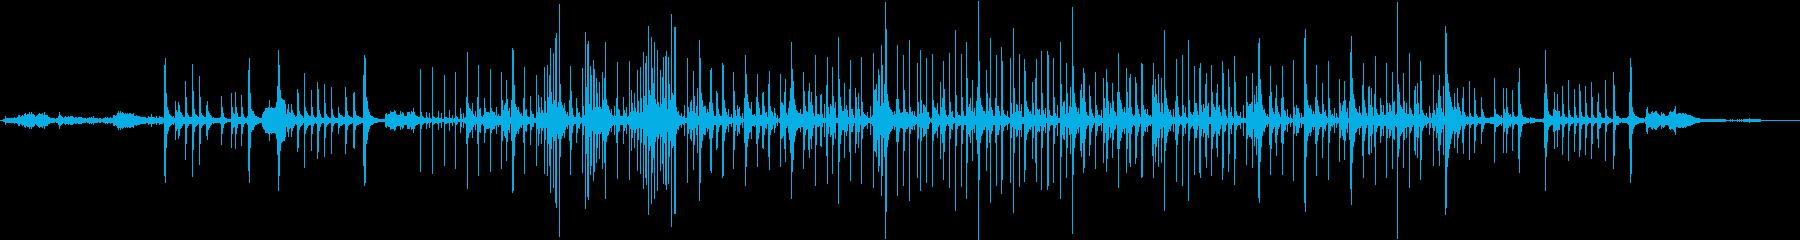 沖縄民謡風のBGMの再生済みの波形